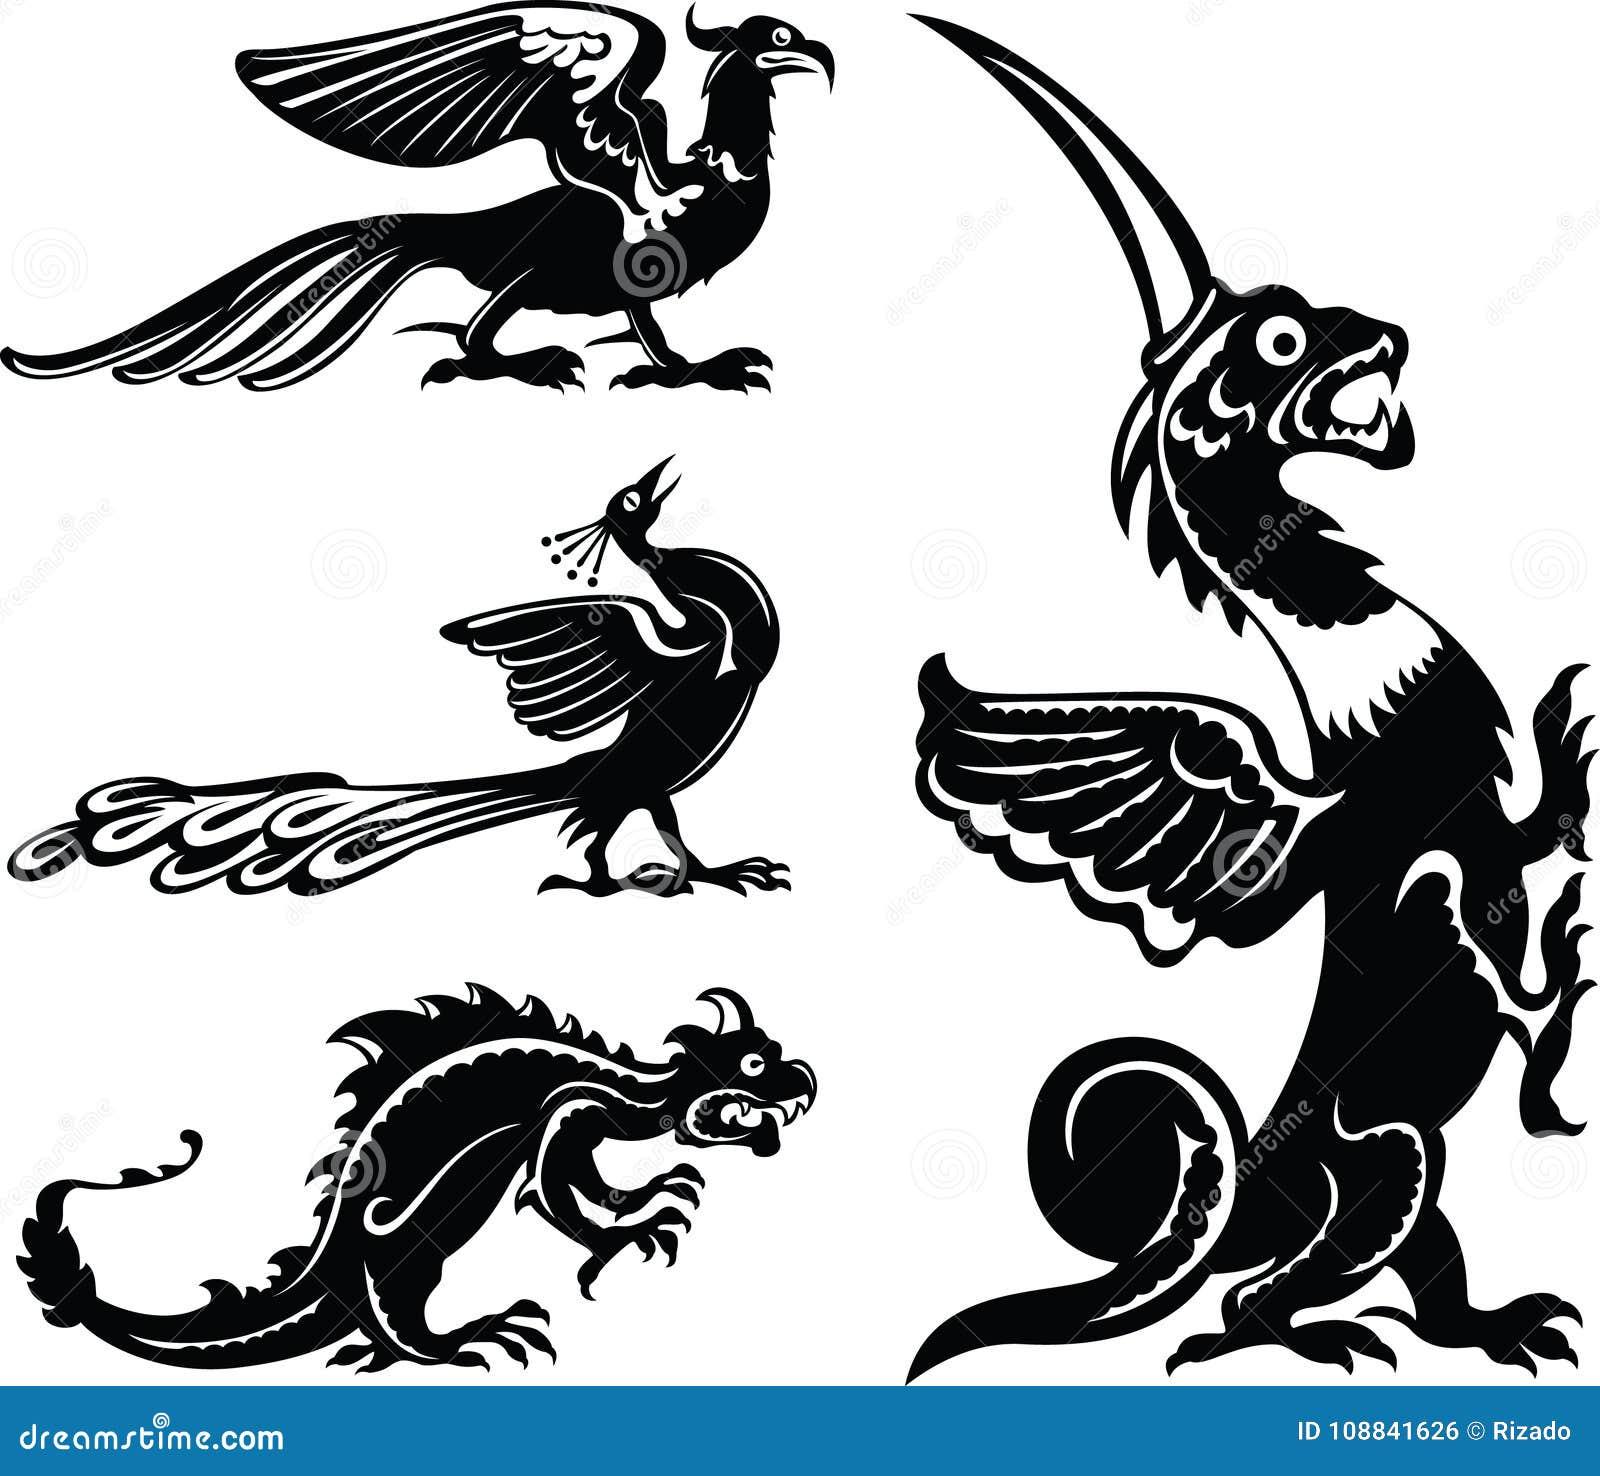 Animali Fantastici Uccelli Leggiadramente E Draghi Illustrazione